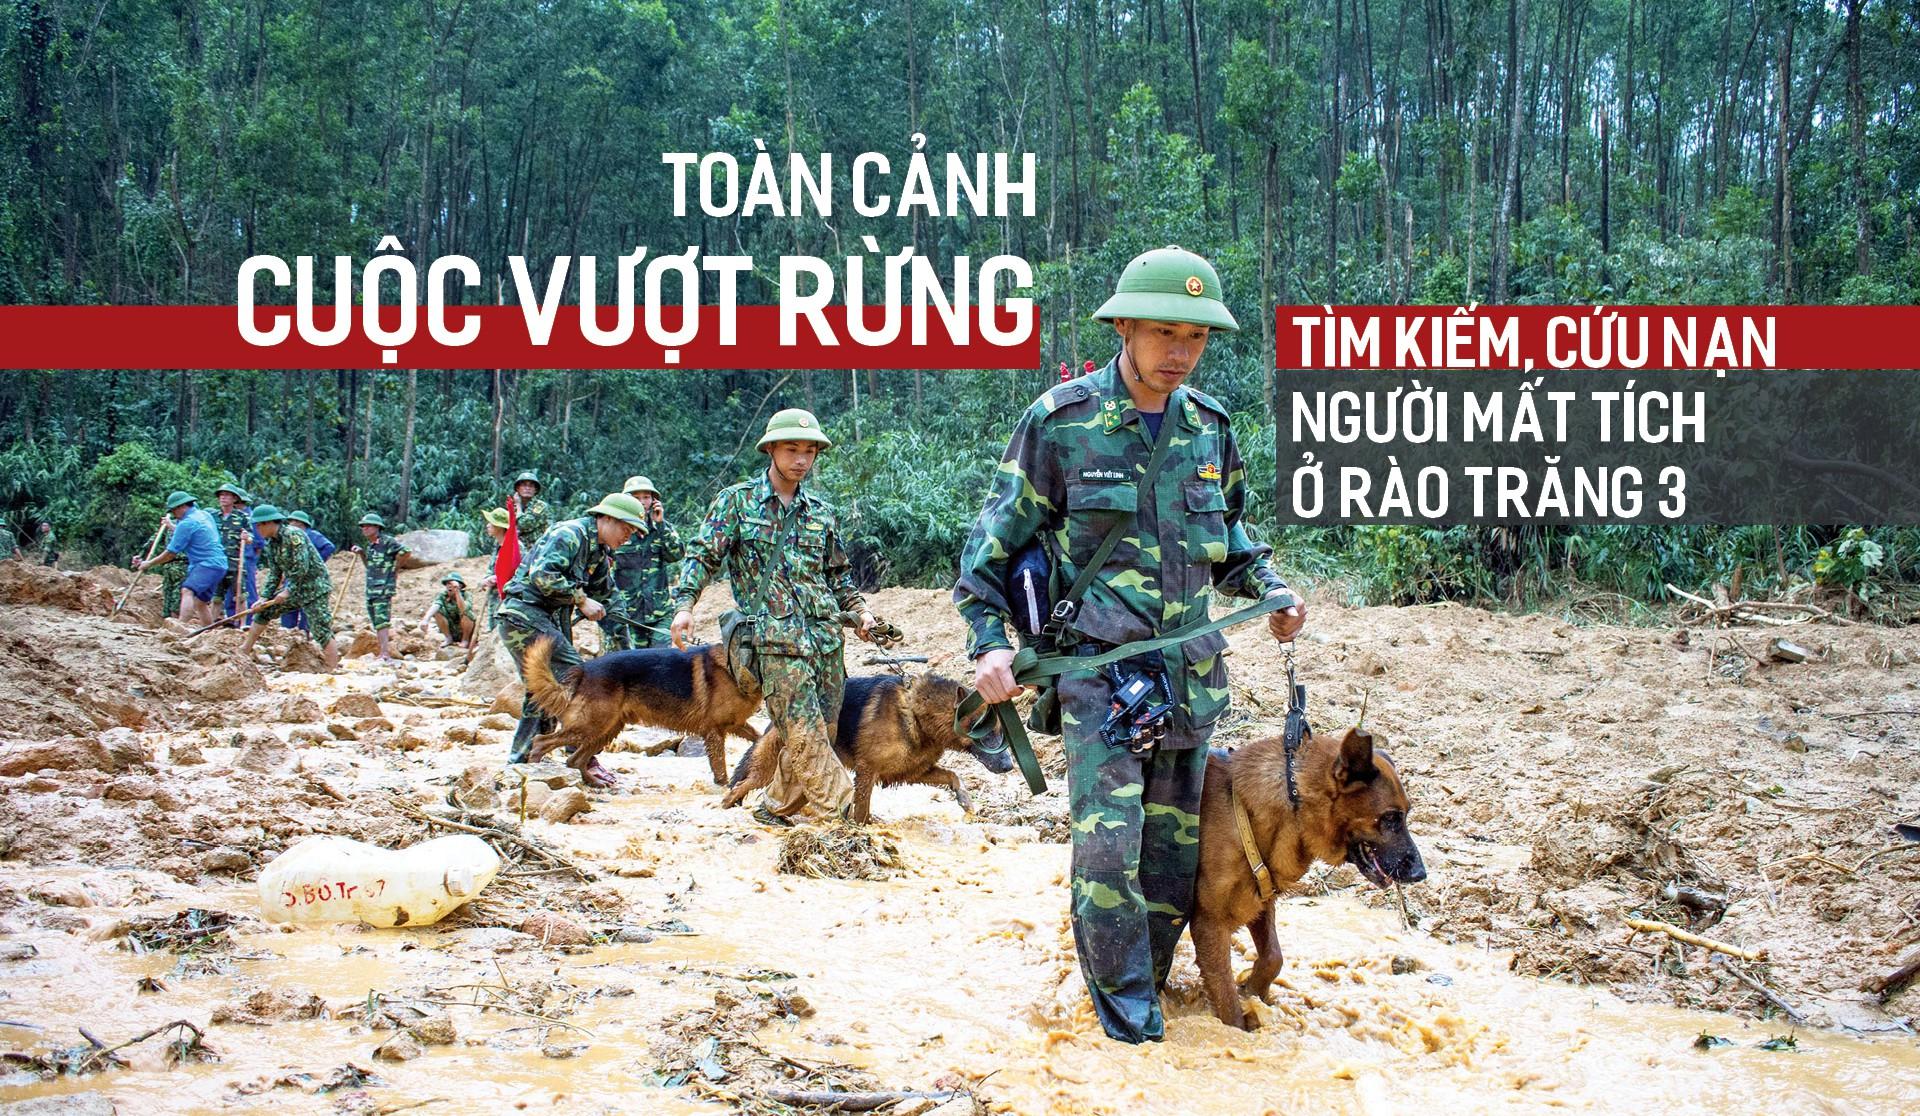 Toàn cảnh cuộc vượt rừng tìm kiếm, cứu nạn người mất tích ở Rào Trăng 3